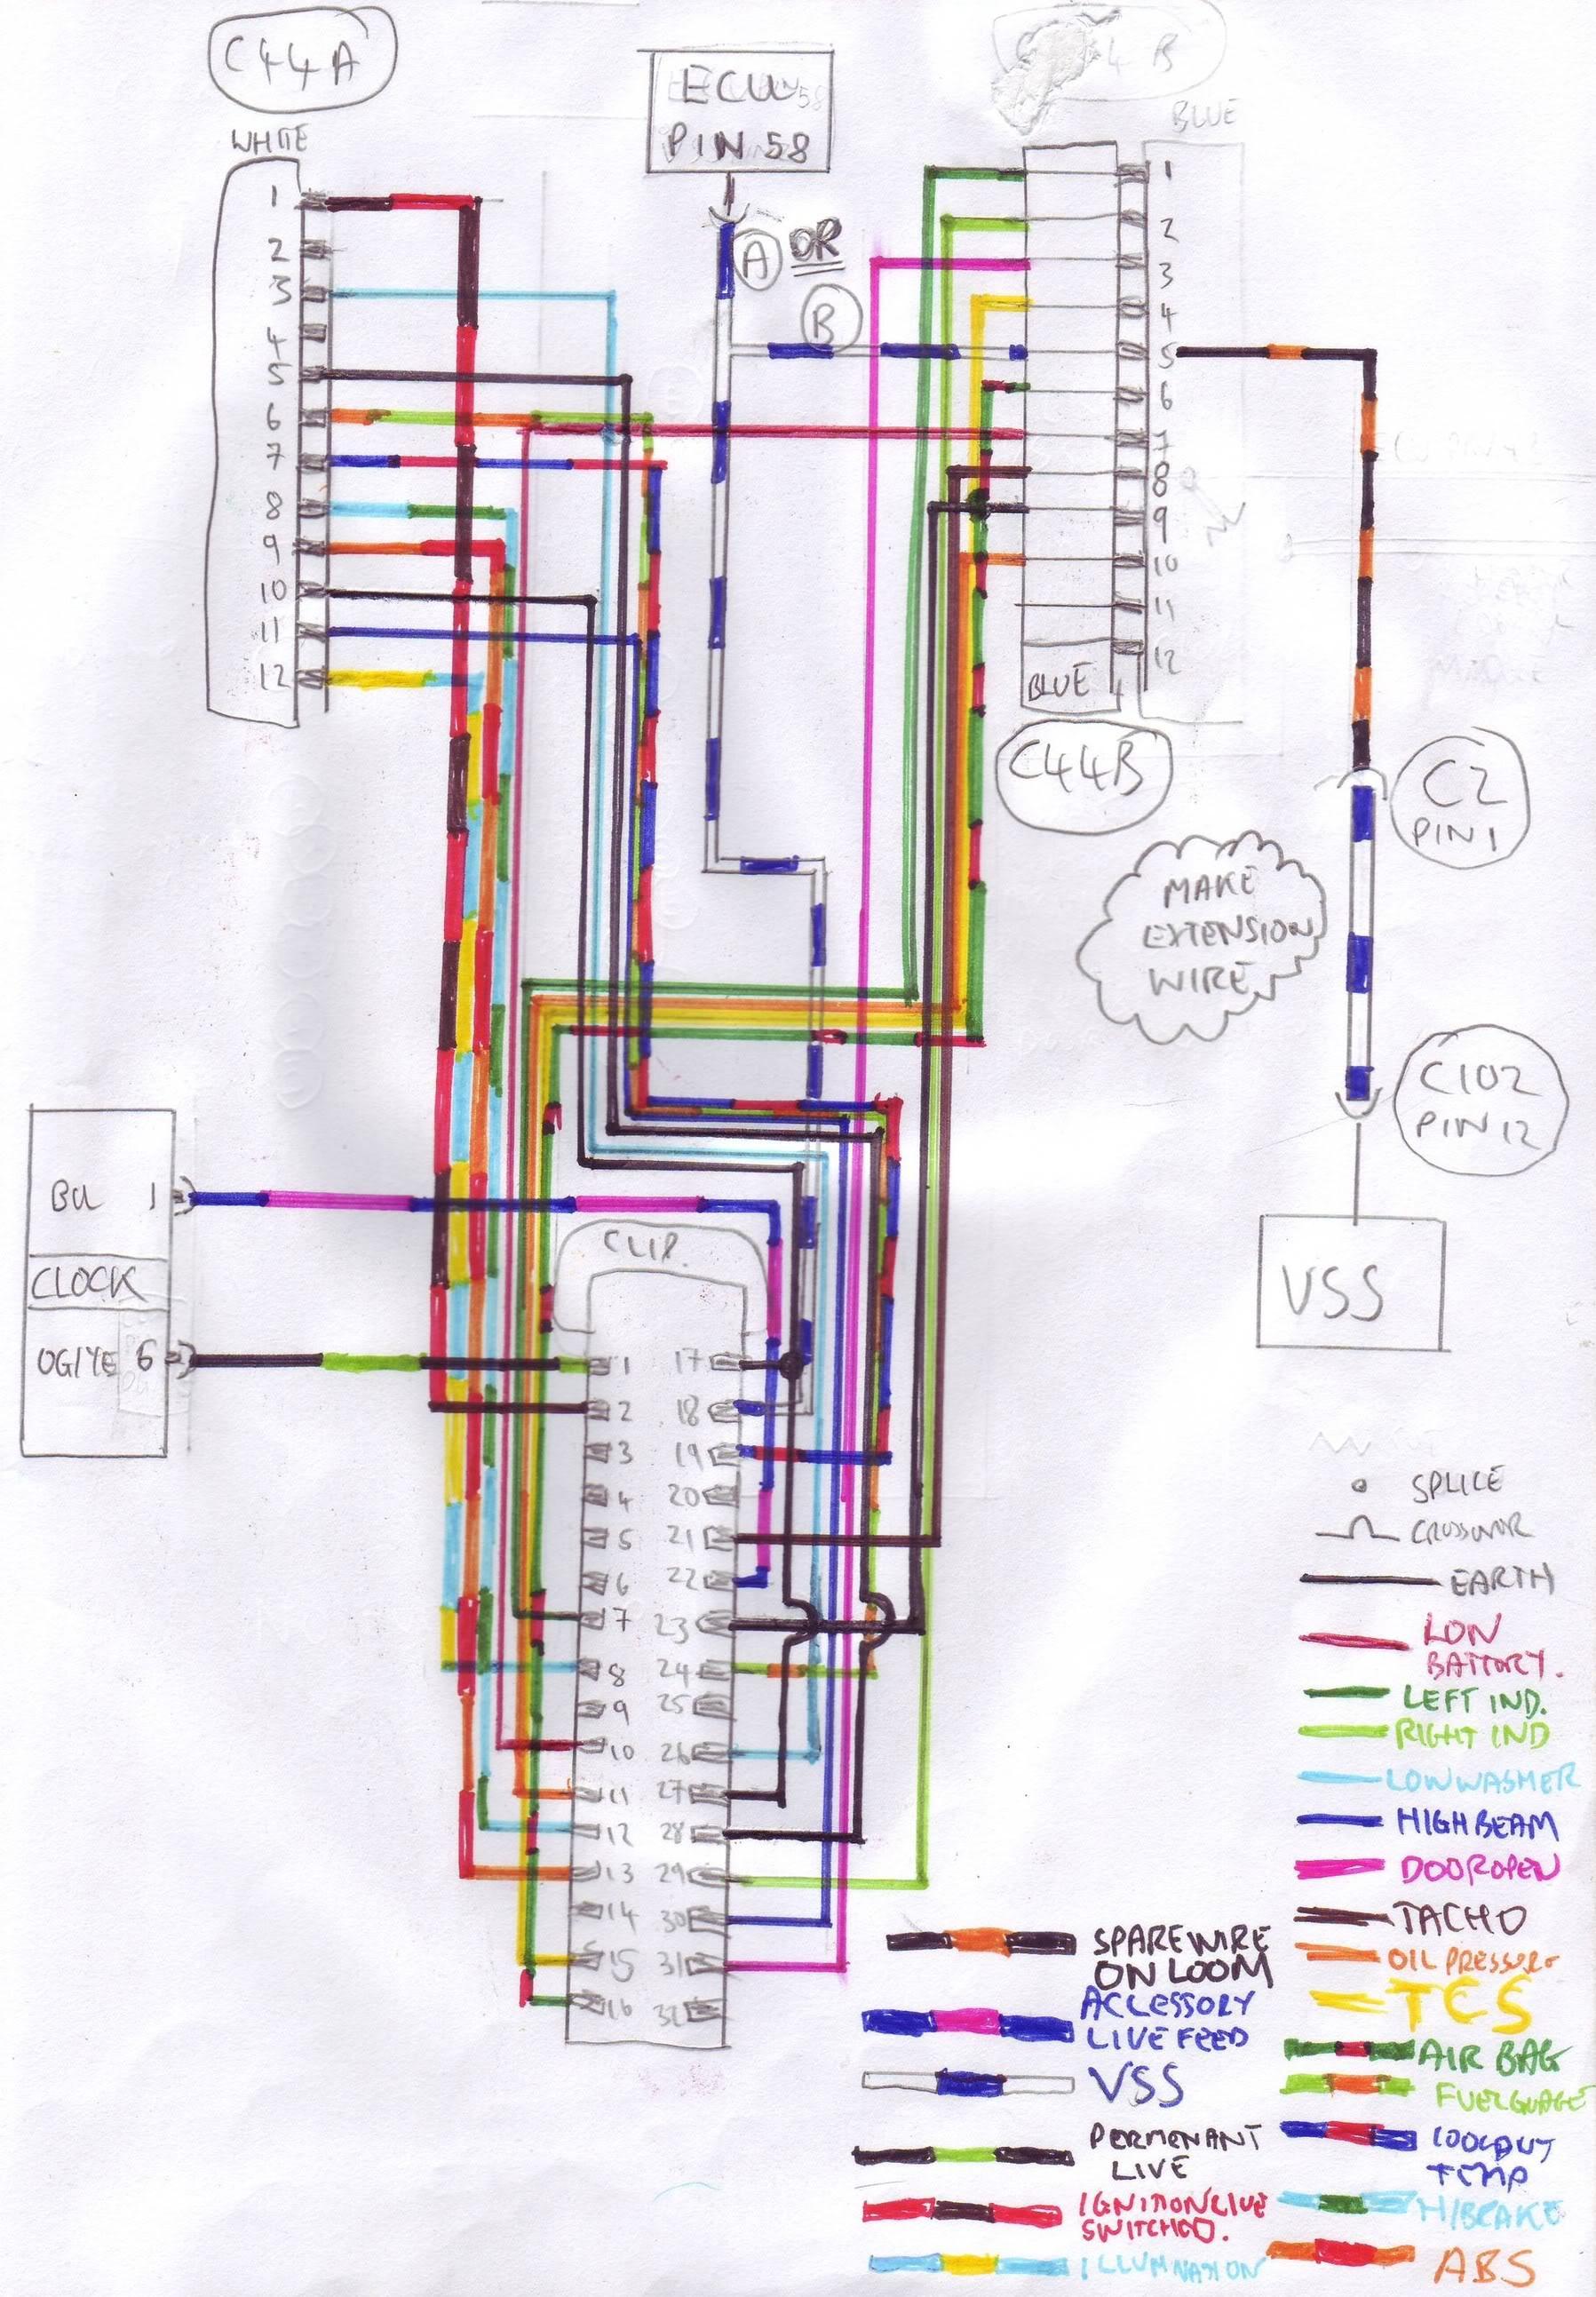 161061d1502131792 puma cosworth restoration bodge job fix digidashtoanalogloom?resize\\\=665%2C957\\\&ssl\\\=1 mk4 jetta stereo wiring diagram gandul 45 77 79 119  at soozxer.org